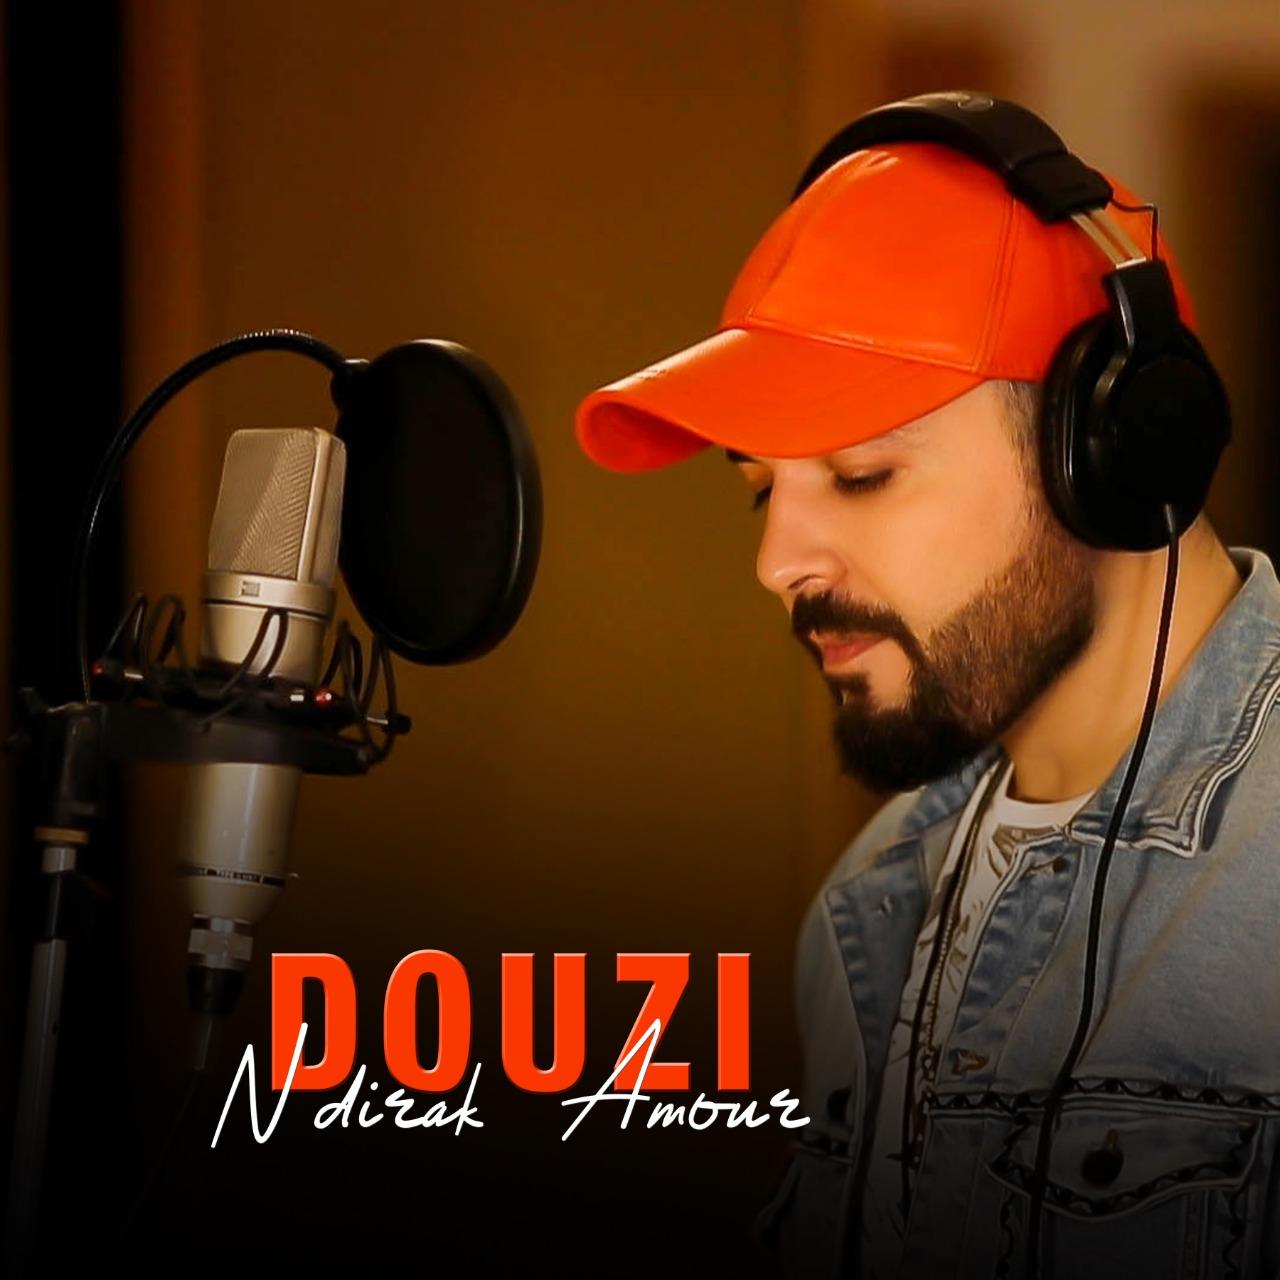 فيديو| الآن على اليوتيوب.. Ndirak Amour أحدث كليبات دوزي